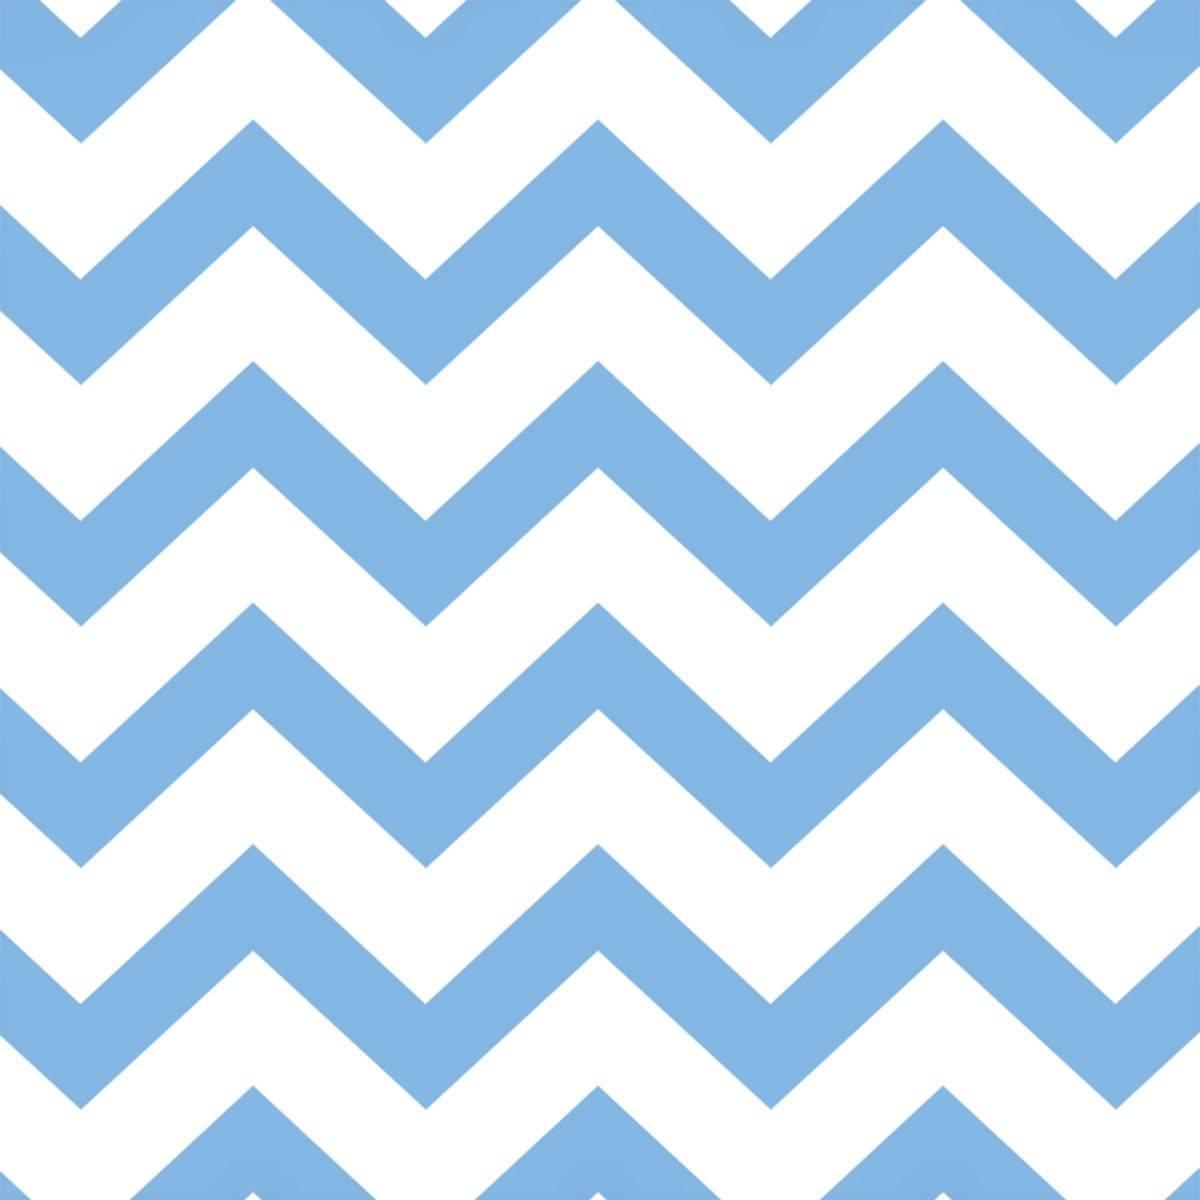 Chevron Azul - Ref. 1068 cor 006 - Peripan - Armarinhos Nodari